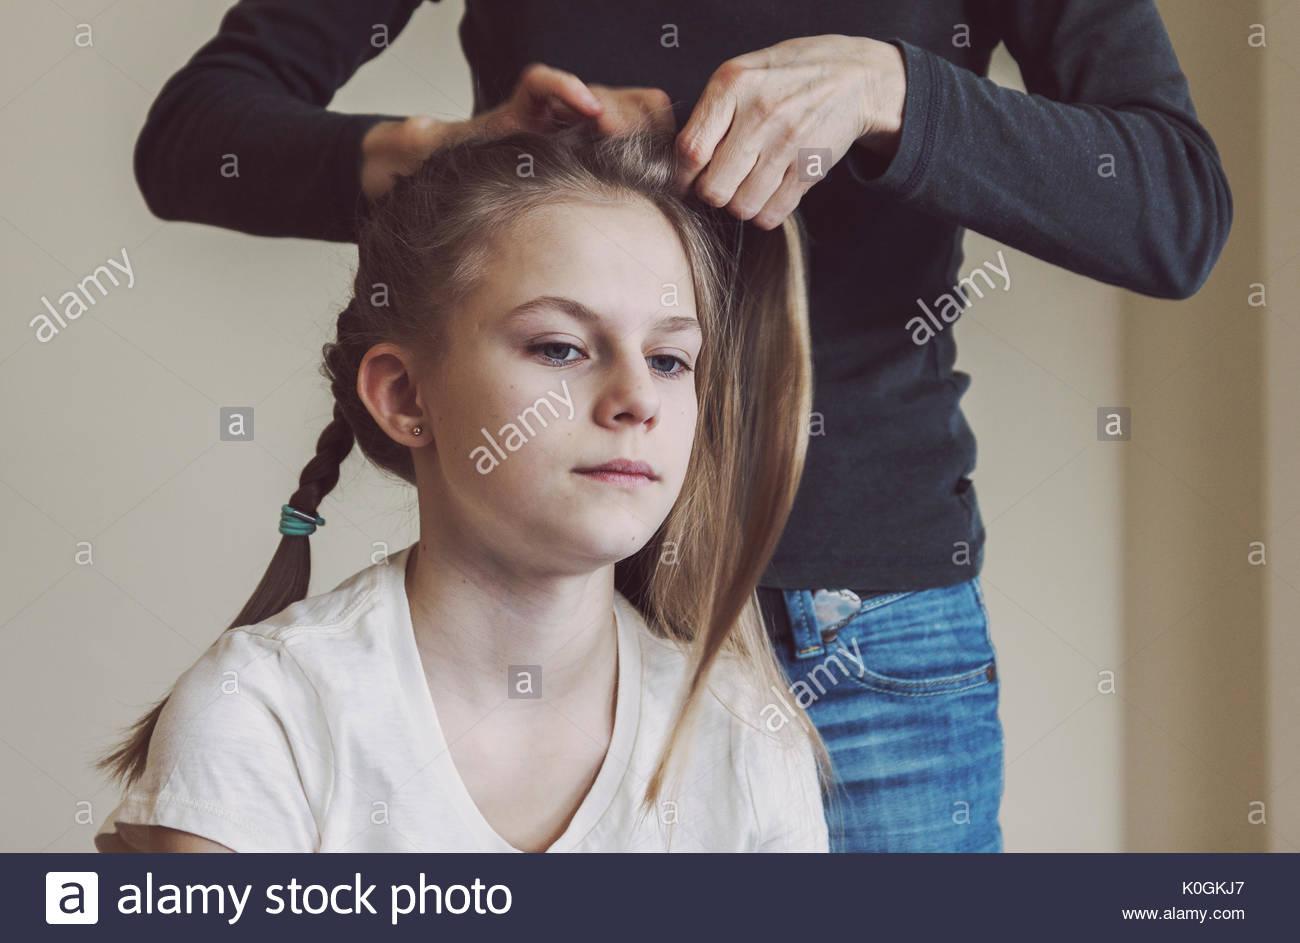 Calza di madre le giovani ragazze capelli. La vita reale ritratto foto di soggetti di razza caucasica teen ragazza con la deliberata caldo filtro mate Immagini Stock